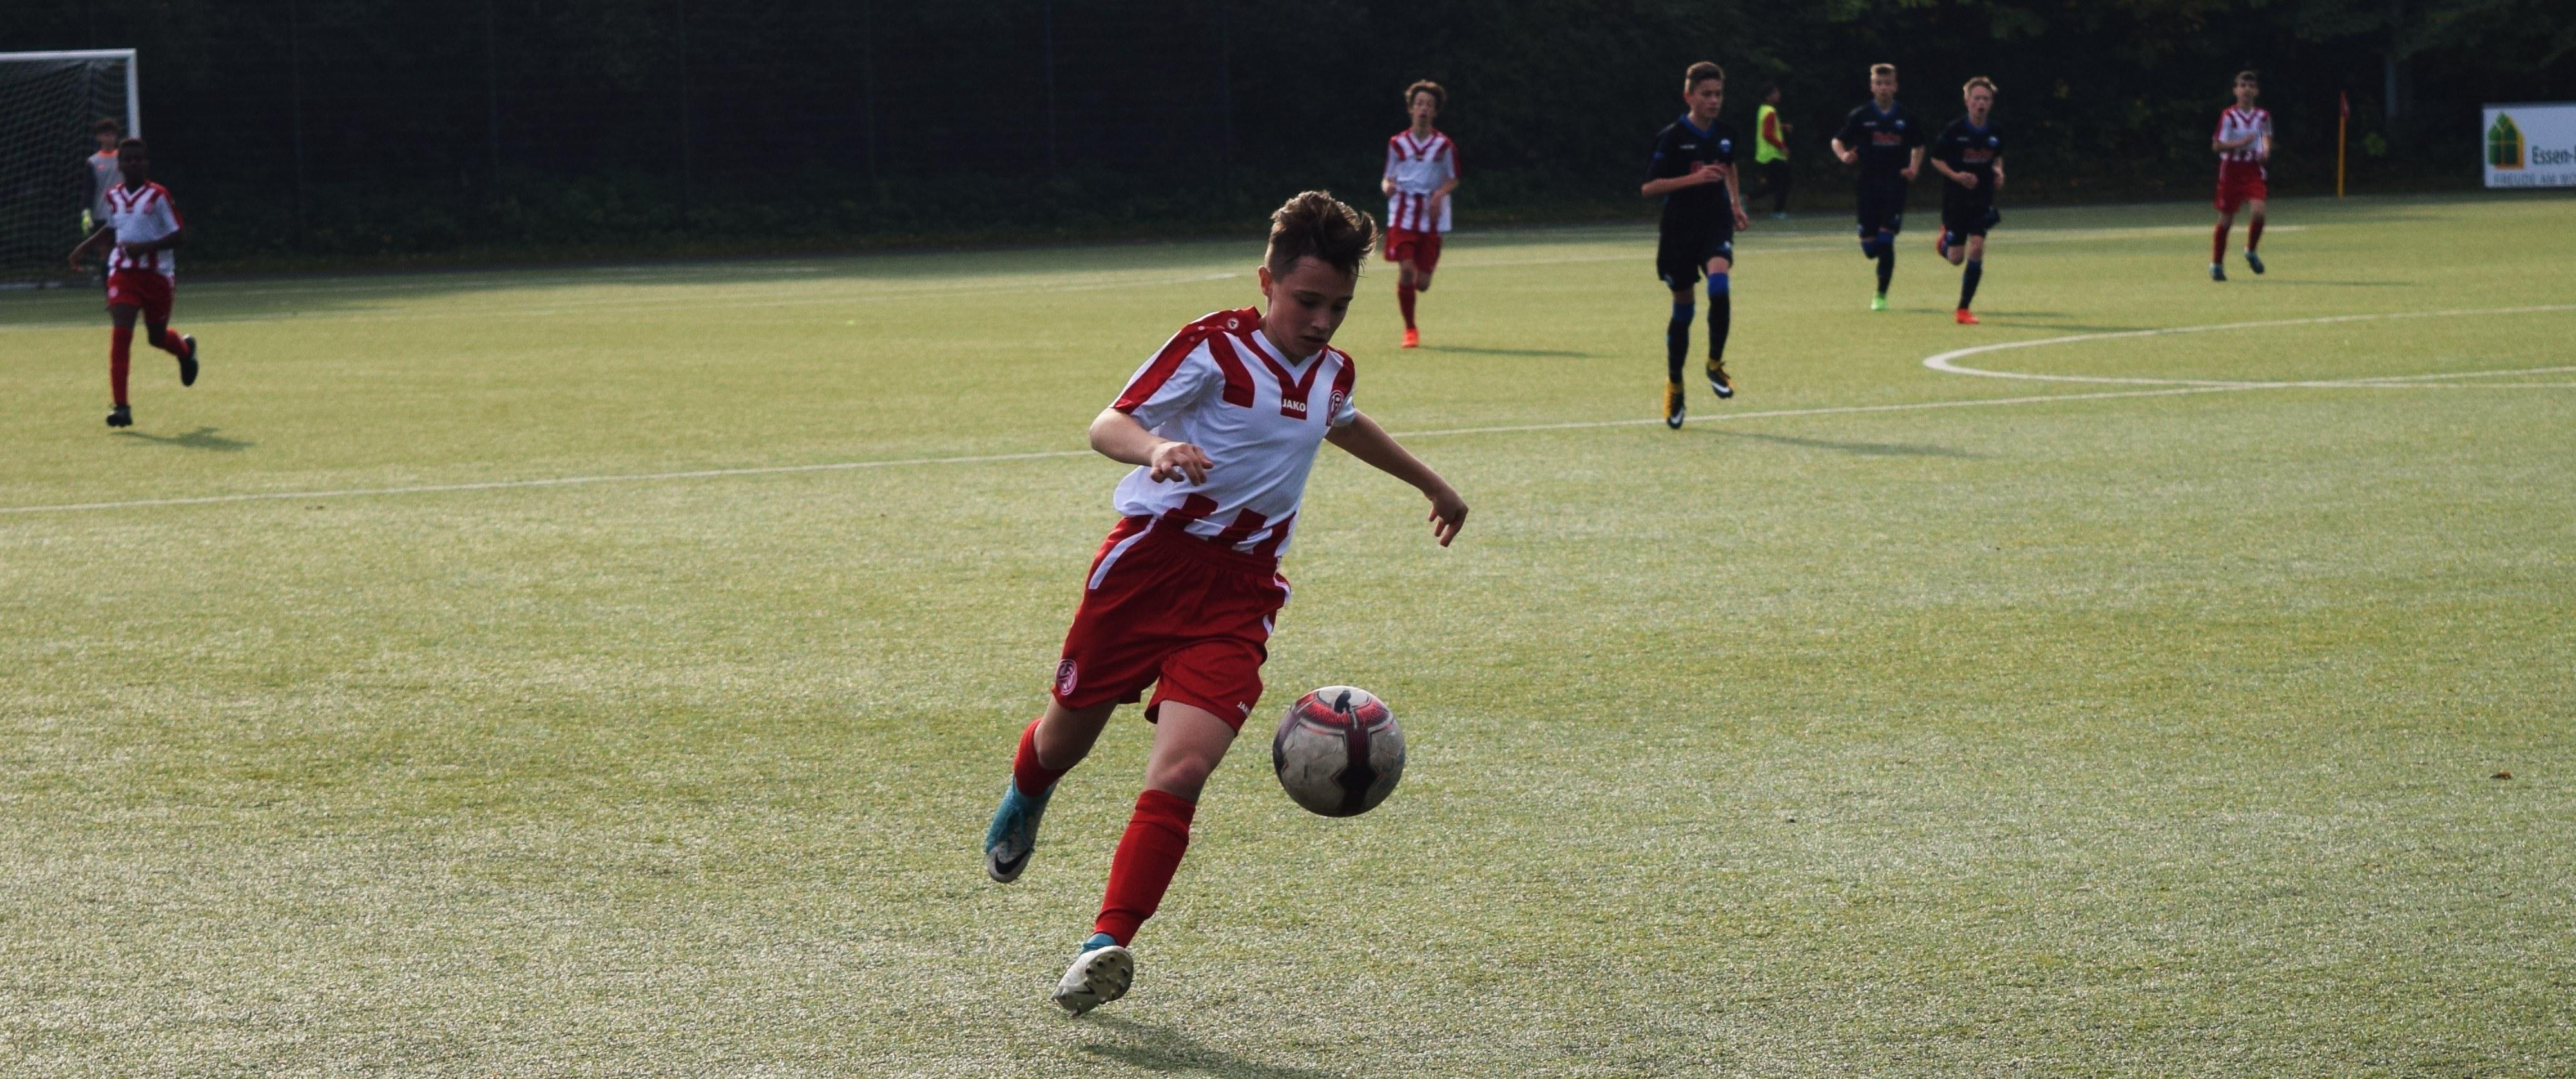 Die rot-weissen Jugendteams konnten am Wochenende Siege einfahren.